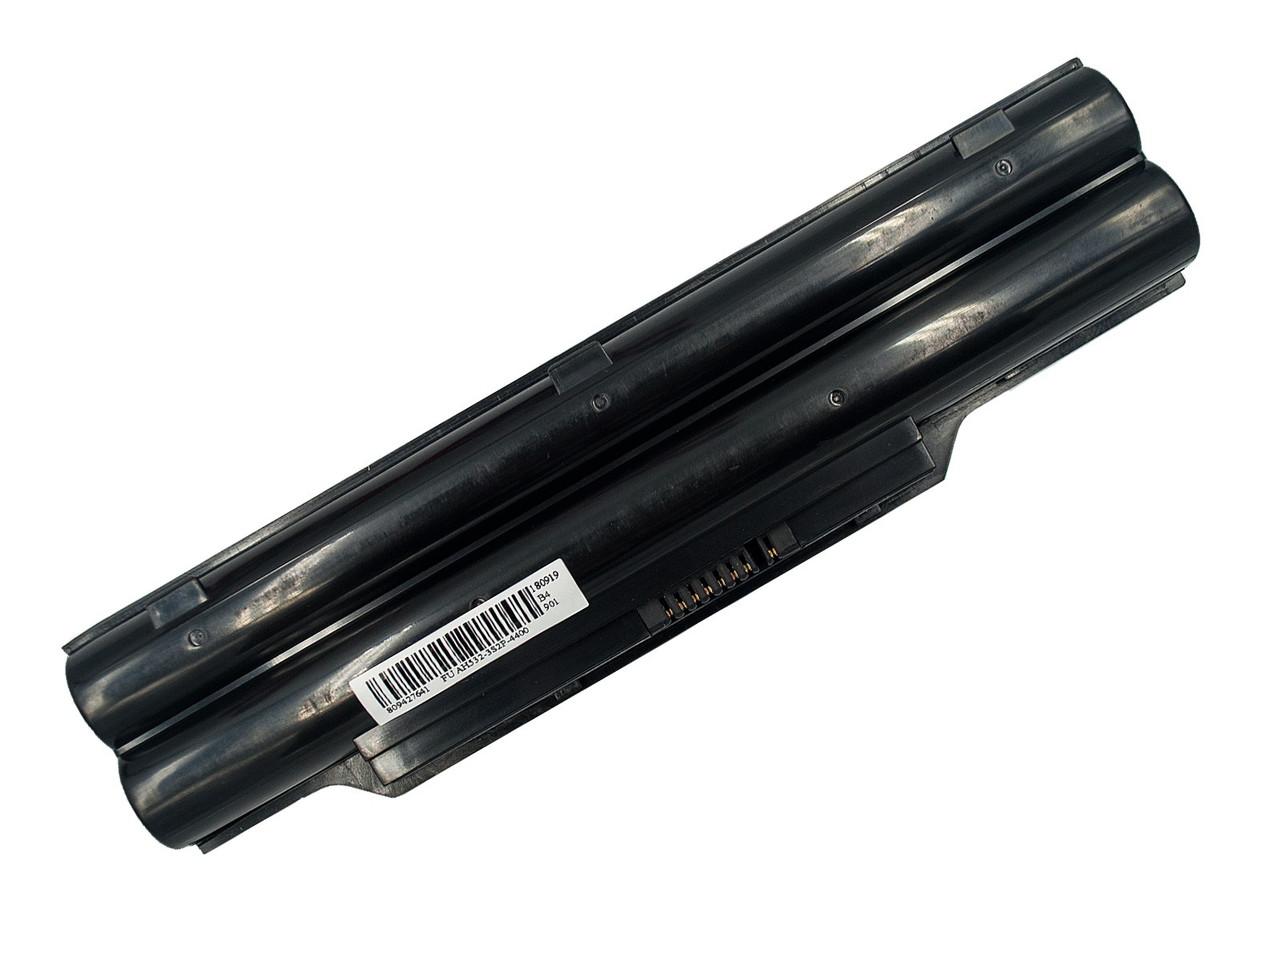 Батарея Elements PRO для Fujitsu LifeBook A532 AH532 AH512 10.8V 4400mAh (AH532-3S2P-4400)